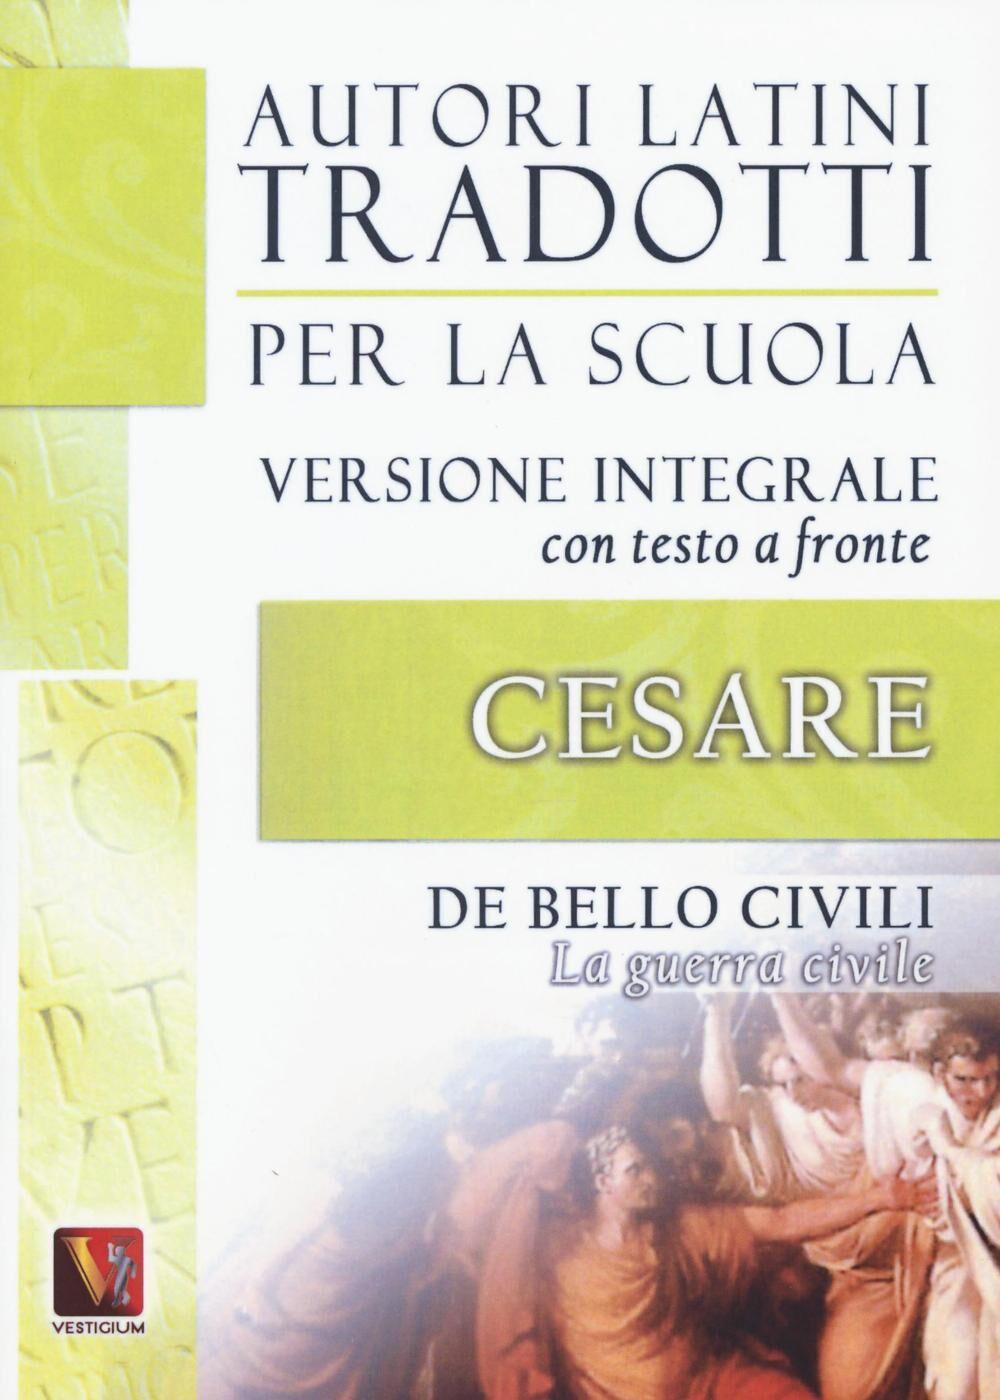 La guerra civile-De bello civili. Testo latino a fronte. Ediz. integrale